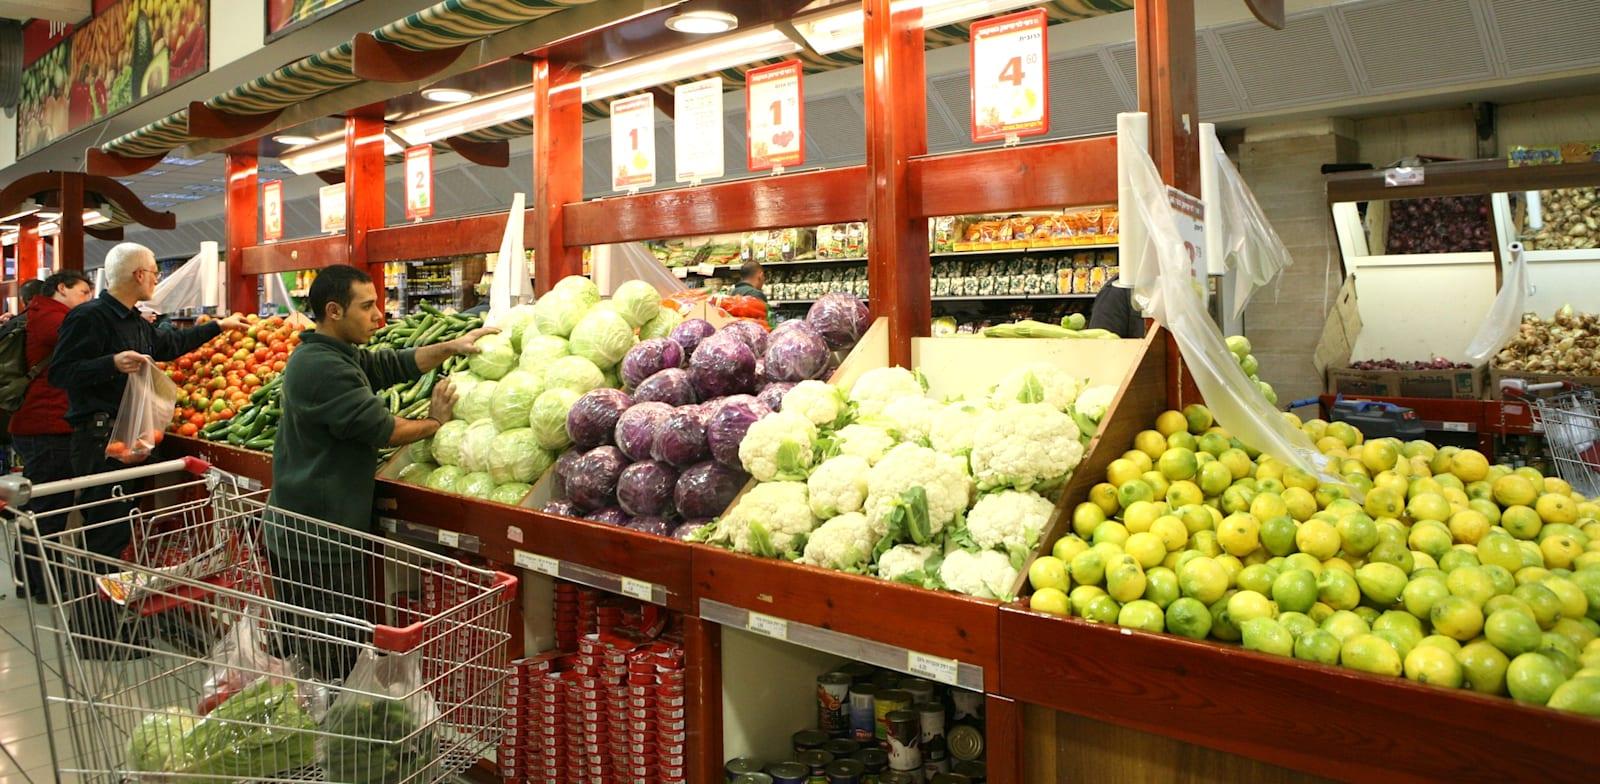 מחלקת ירקות ופירות בסופרמרקט / צילום: עינת לברון